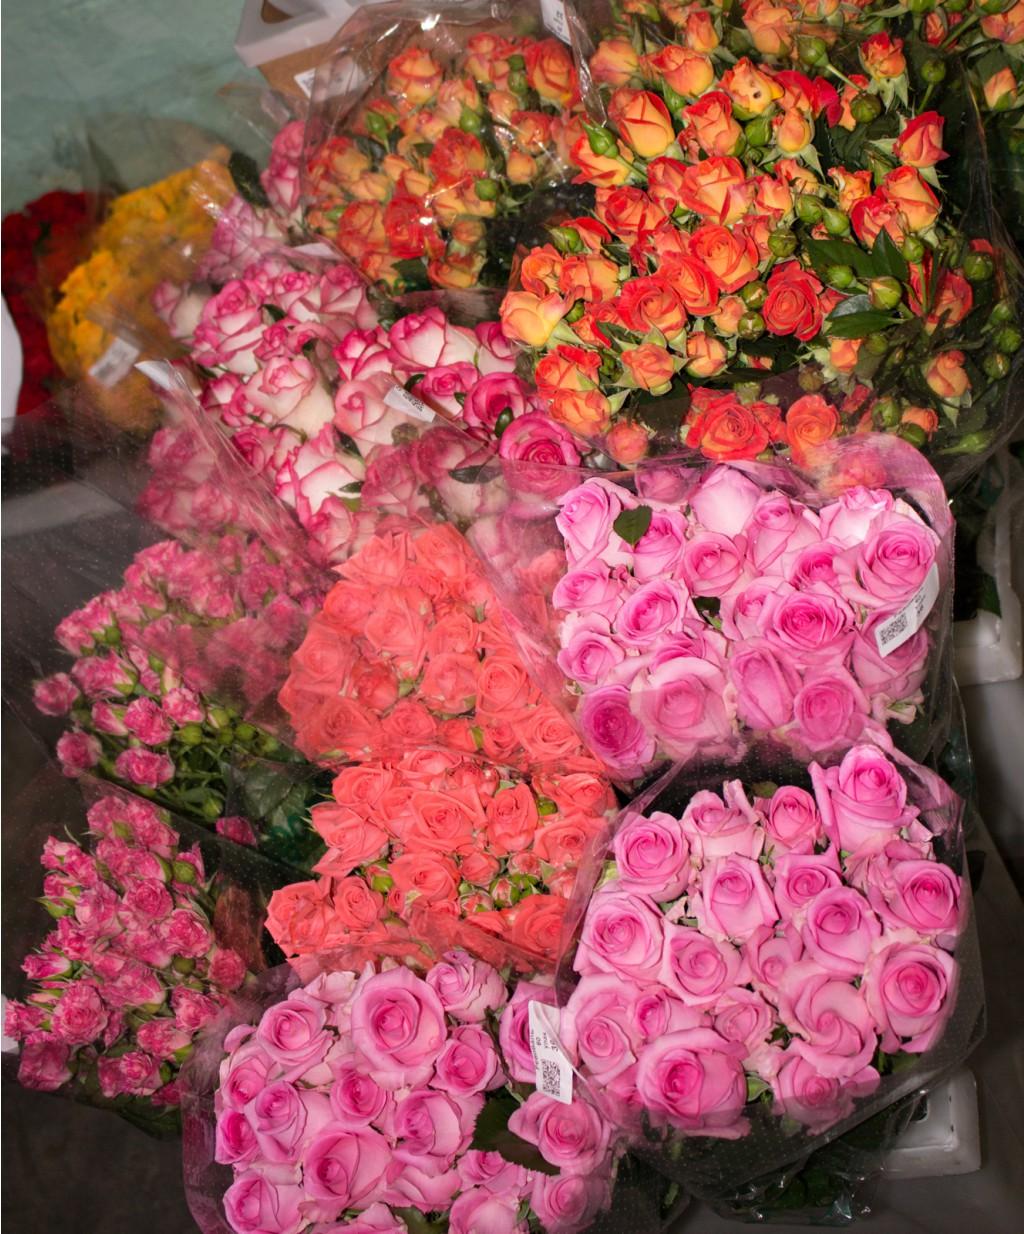 Сбор заказов. Дарите цветы просто так! Впервые на нашем форуме свежесрезанные розы. Цены вас приятно удивят. Выкуп 2